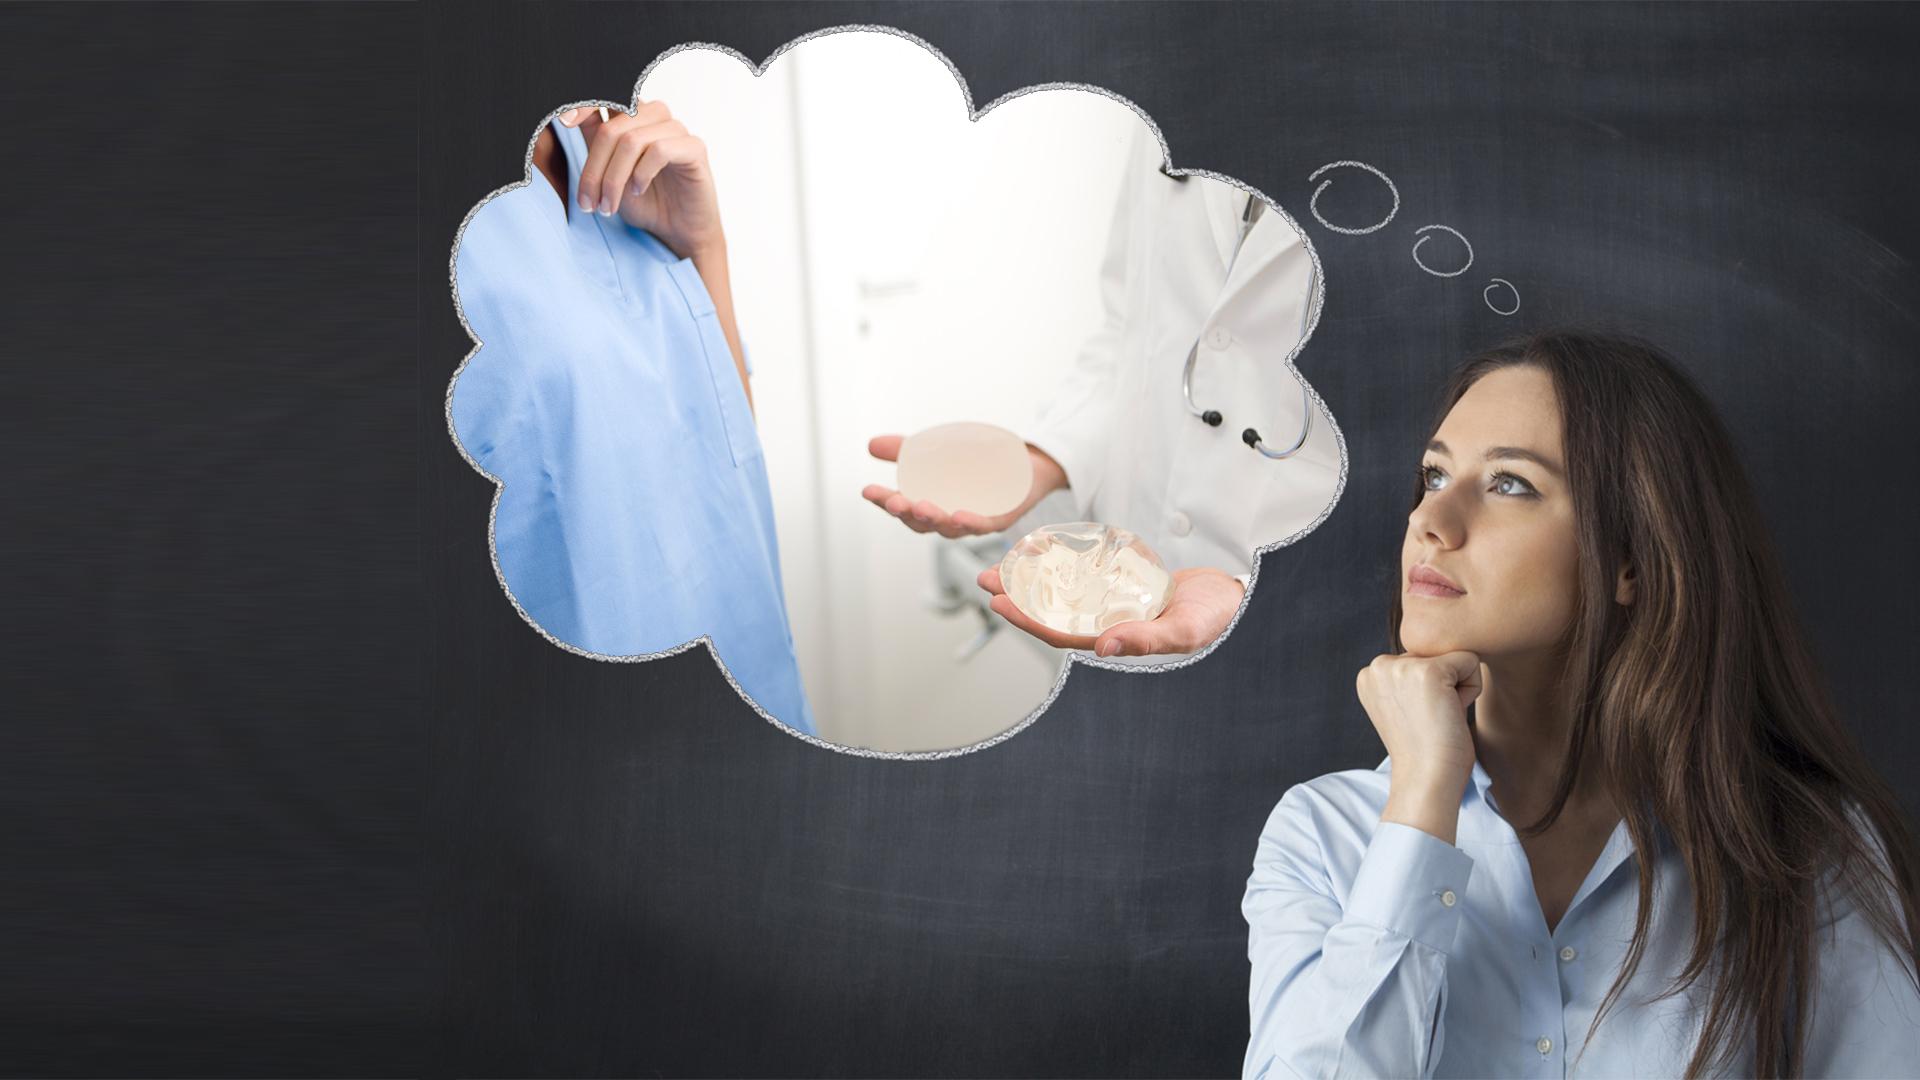 como escolher tamanho da prótese de silicone cirurgia plastica